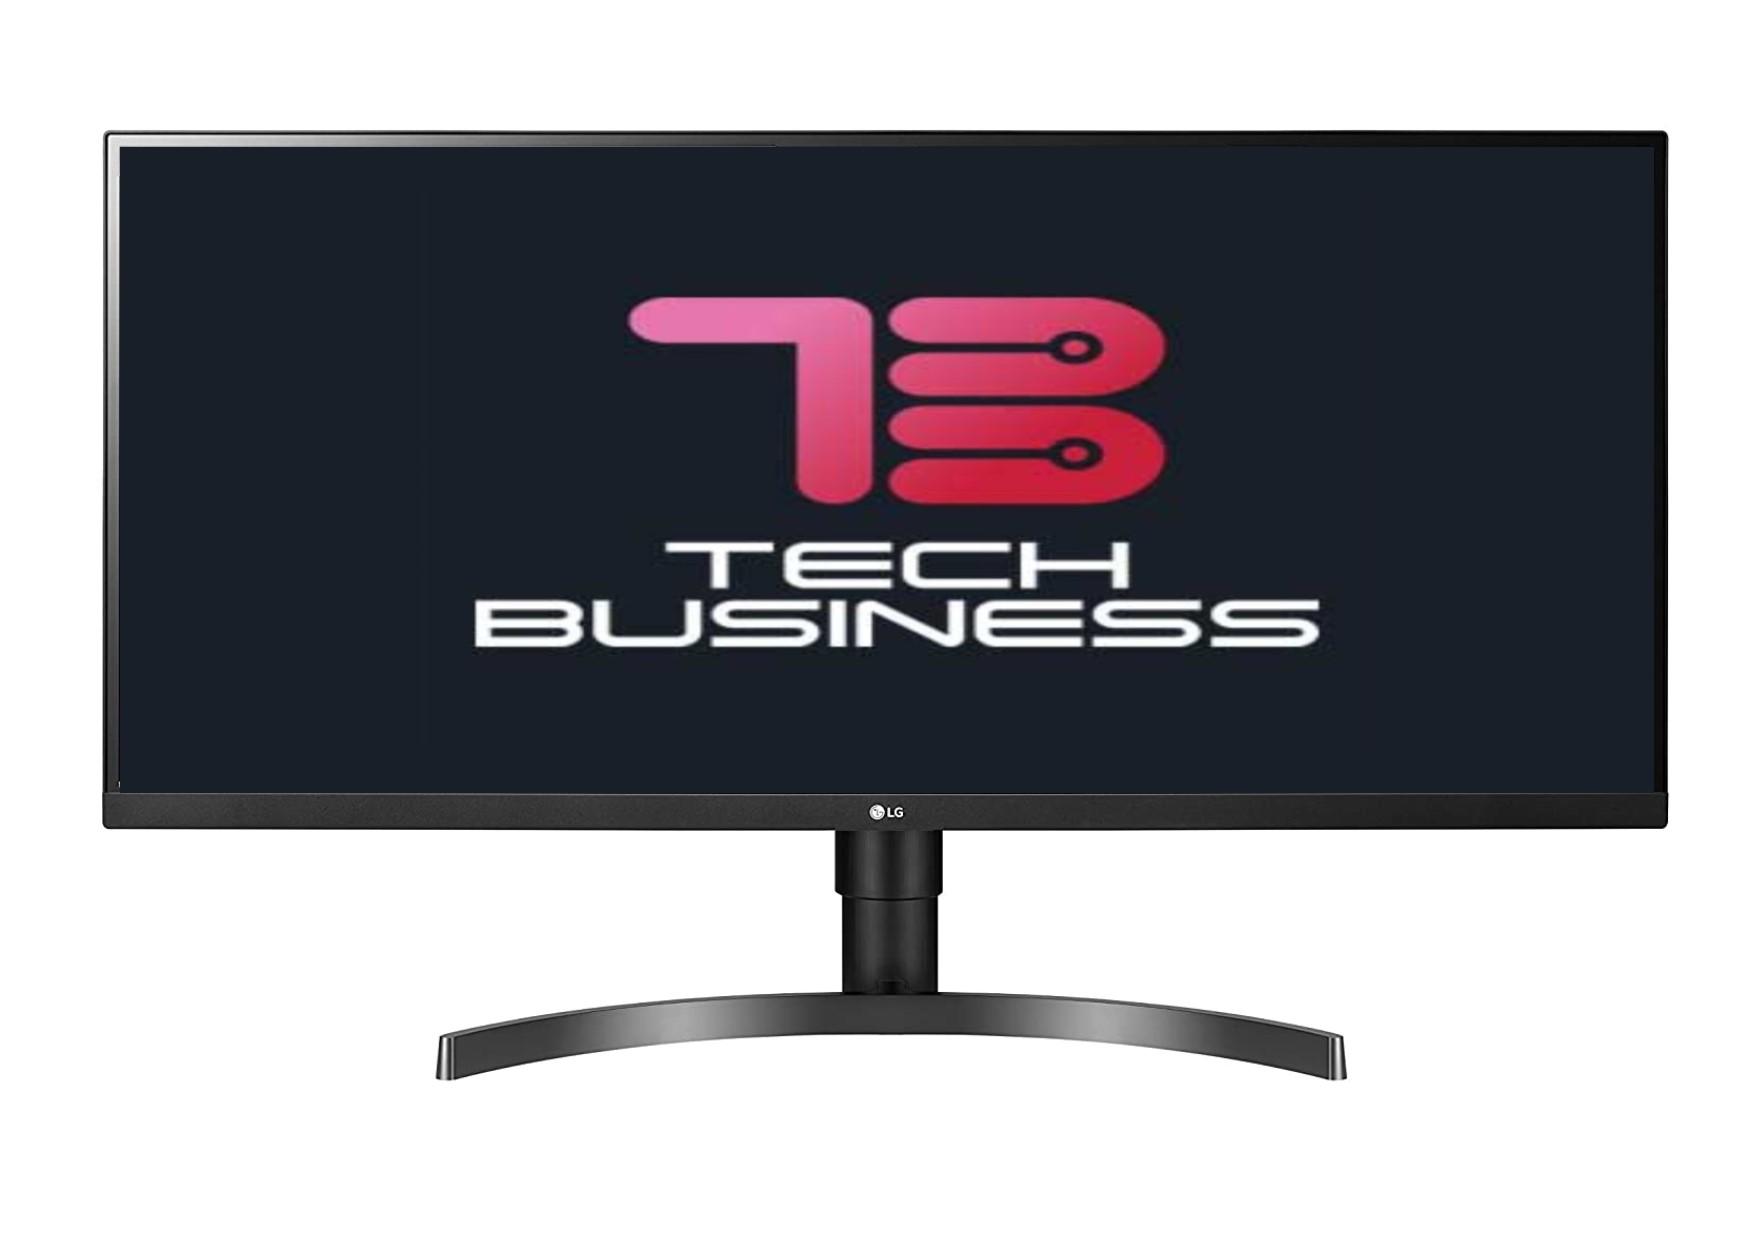 Recensione LG UltraWide 34WN75, il multitasking in alta risoluzione thumbnail